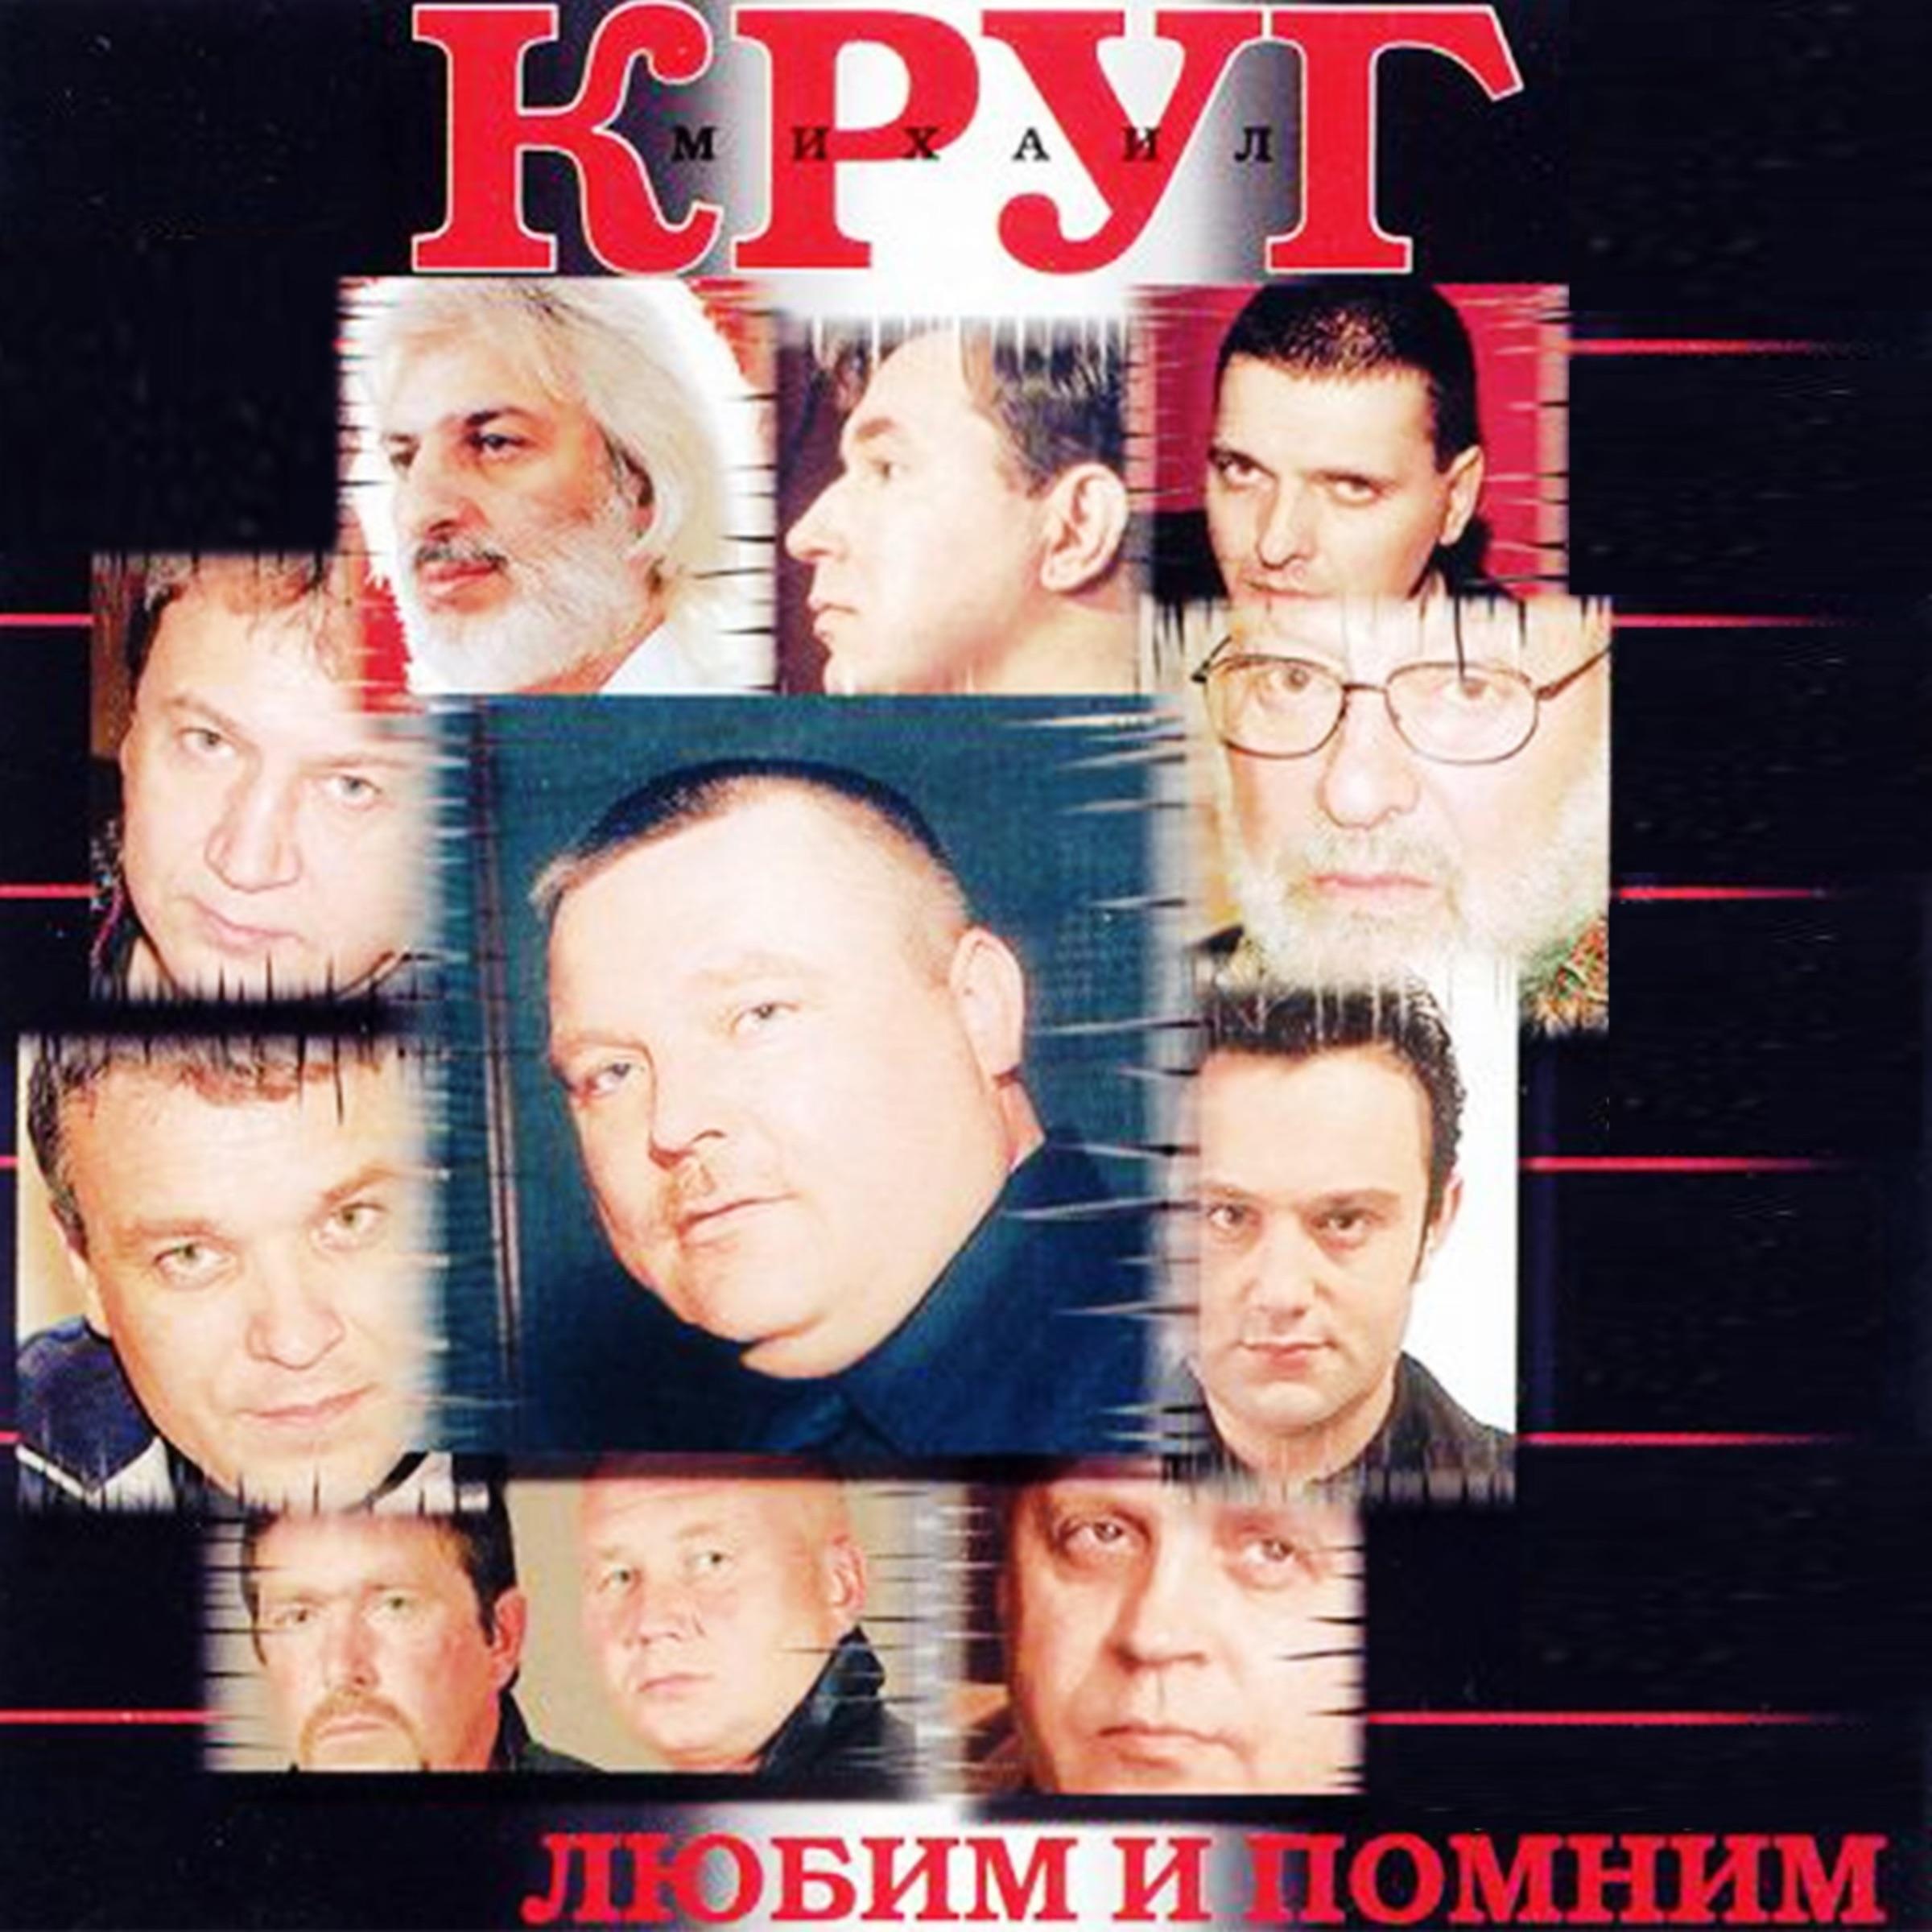 Кричевский скачать бесплатно mp3 все песни